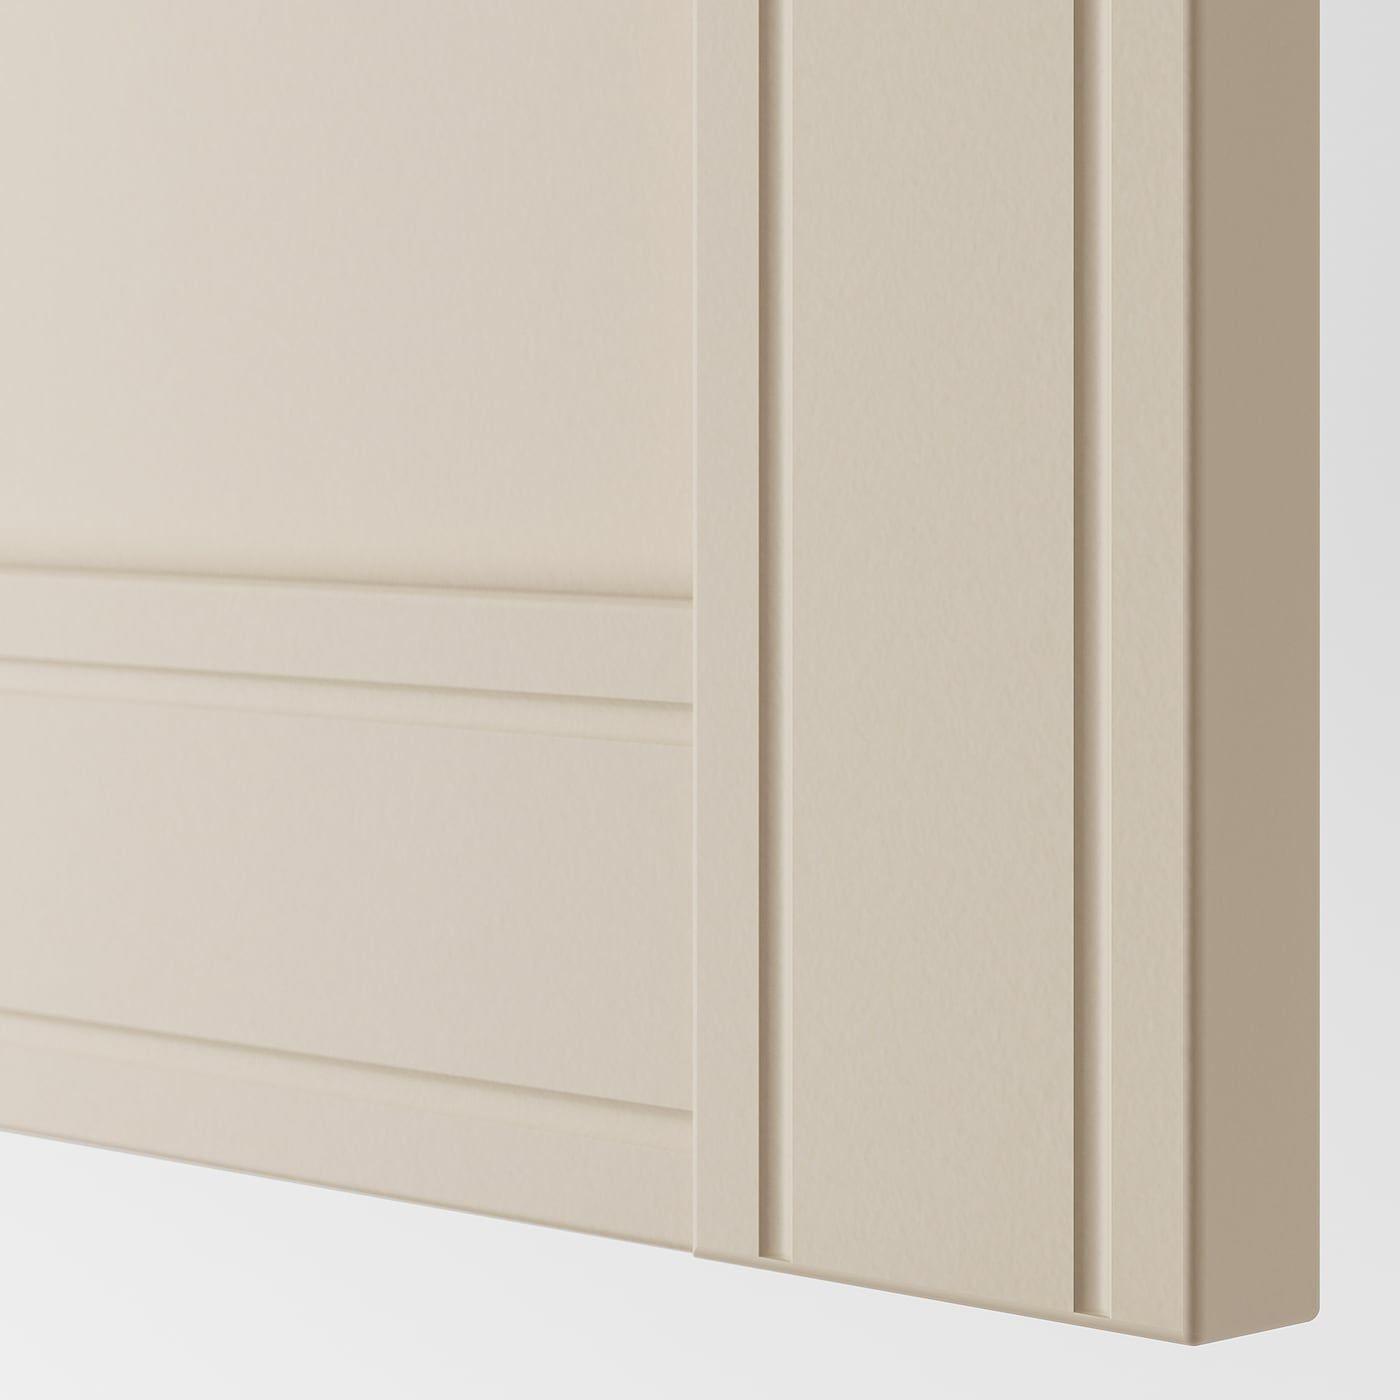 PAX white, Flisberget light beige